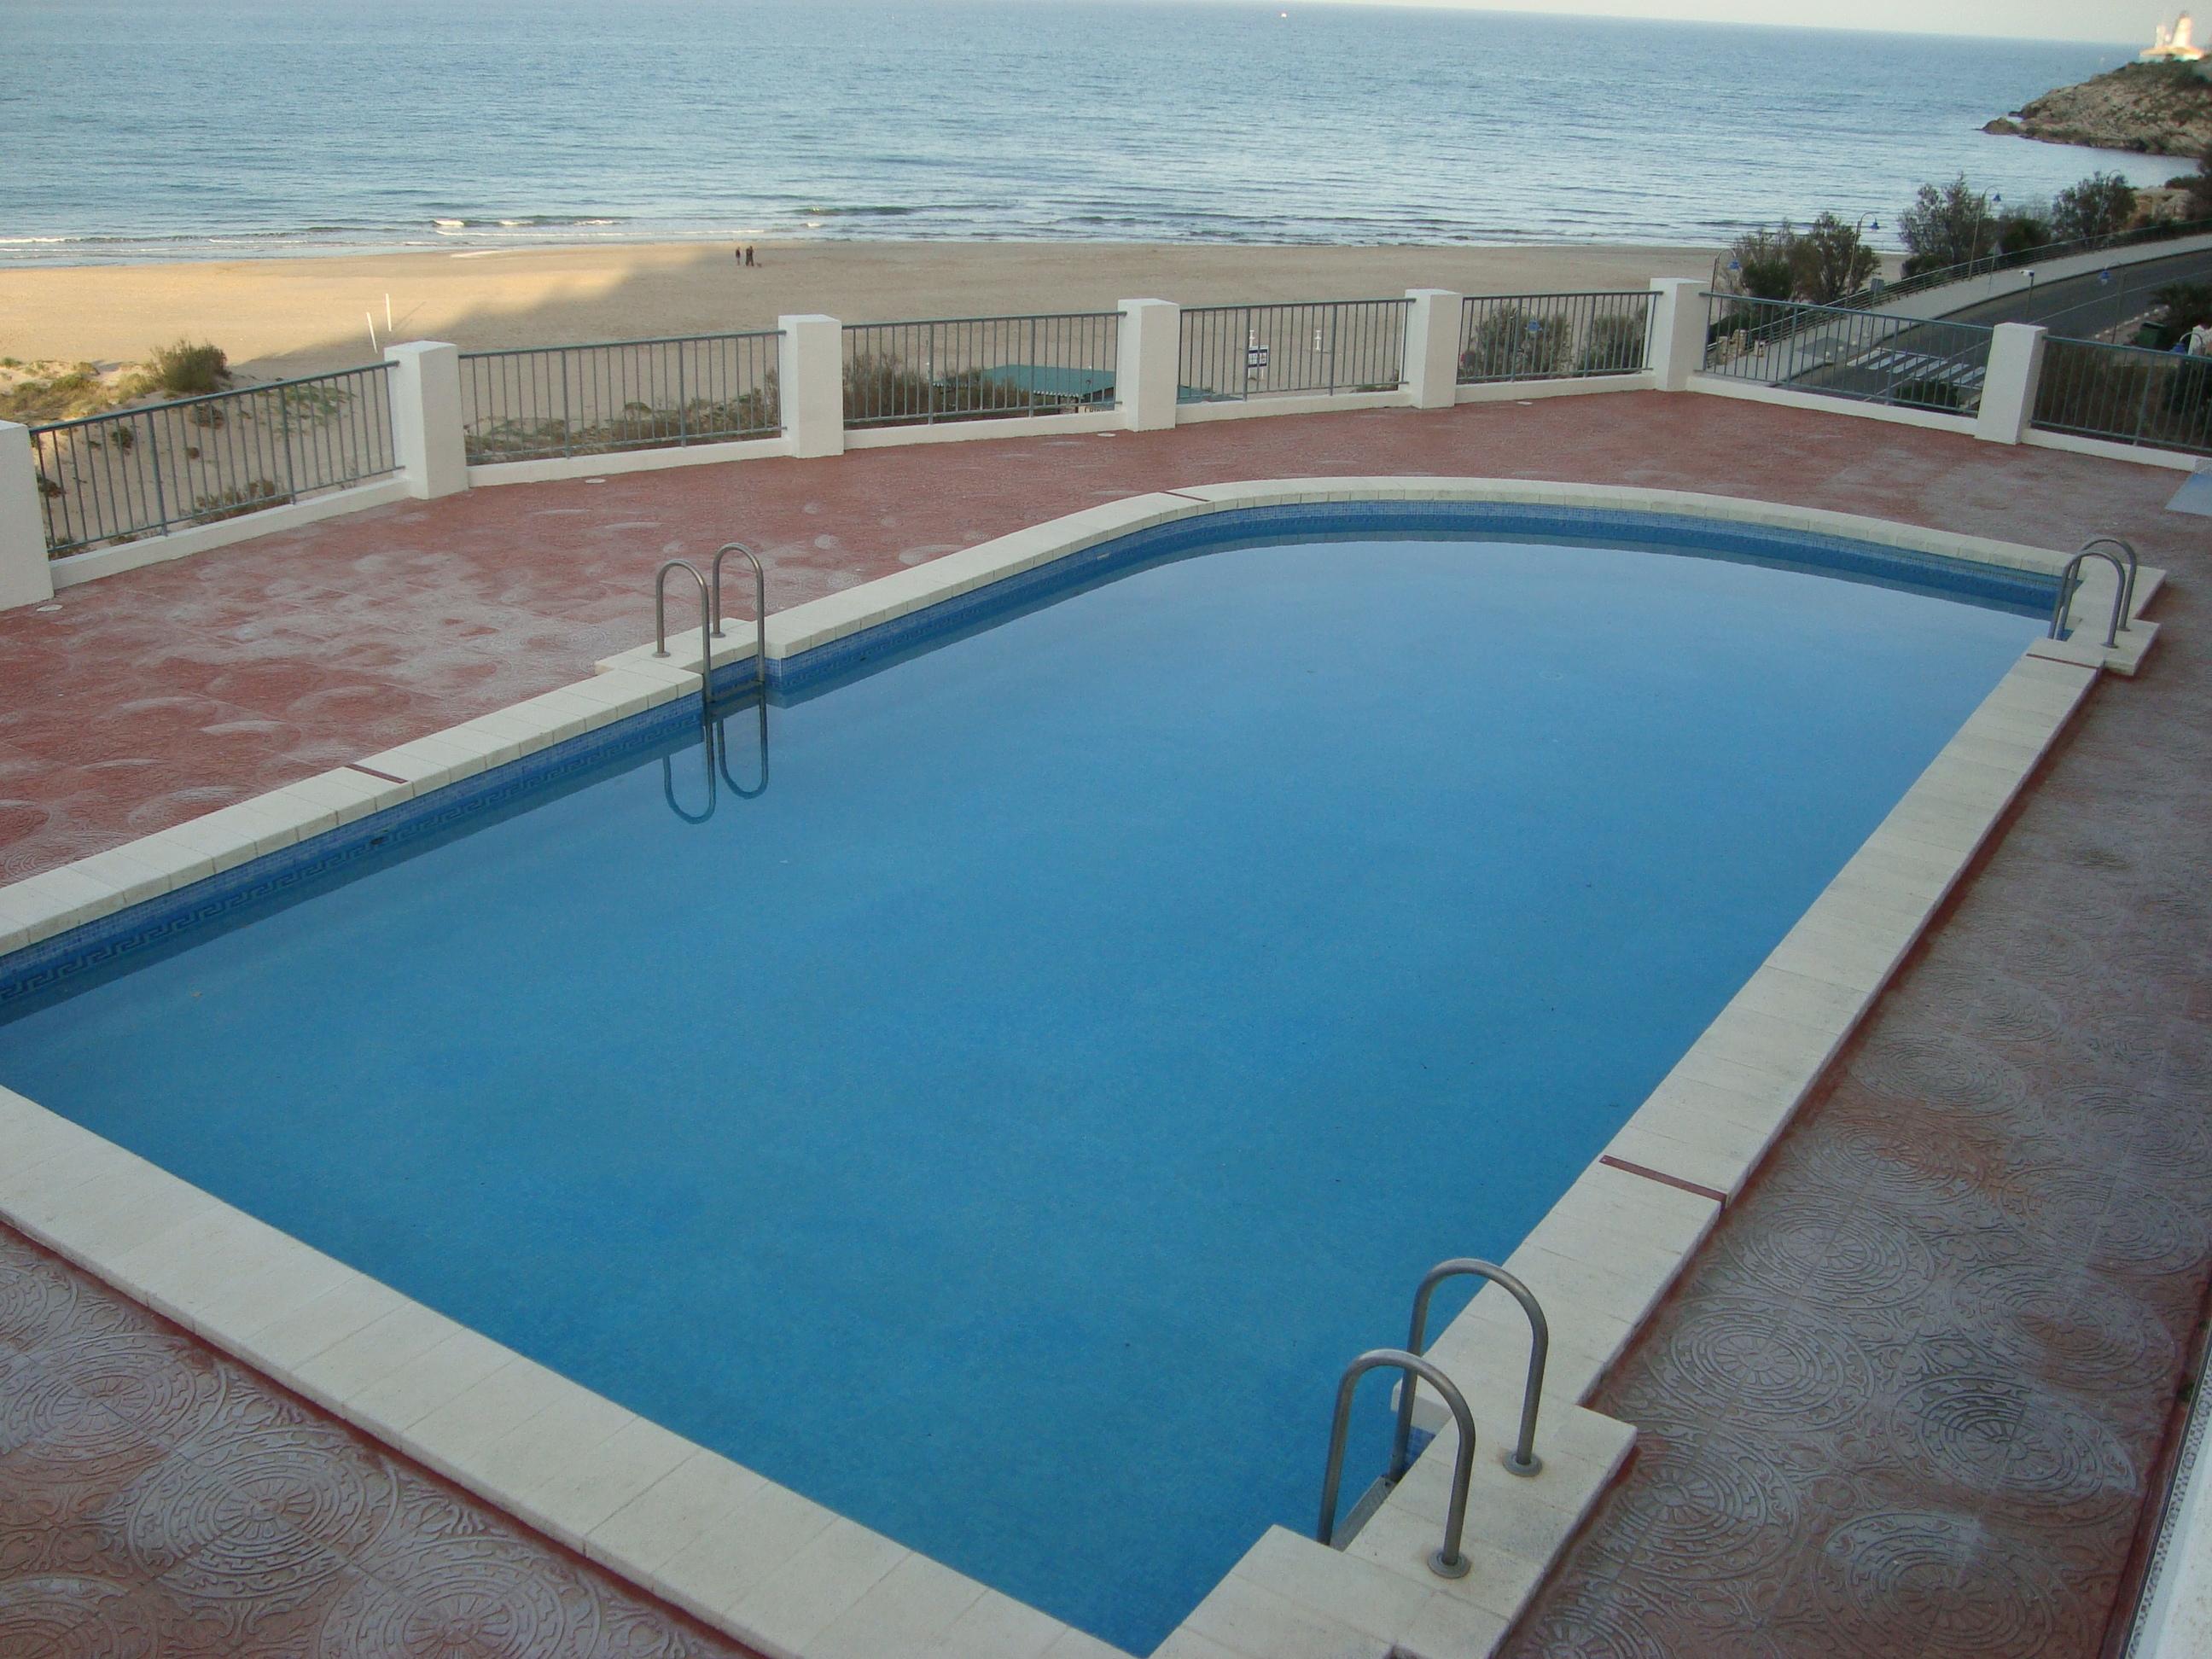 Inmobiliaria gestitur apartamento en primera l nea de playa dosel 3729 apartamento en - Venta apartamentos playa cullera ...